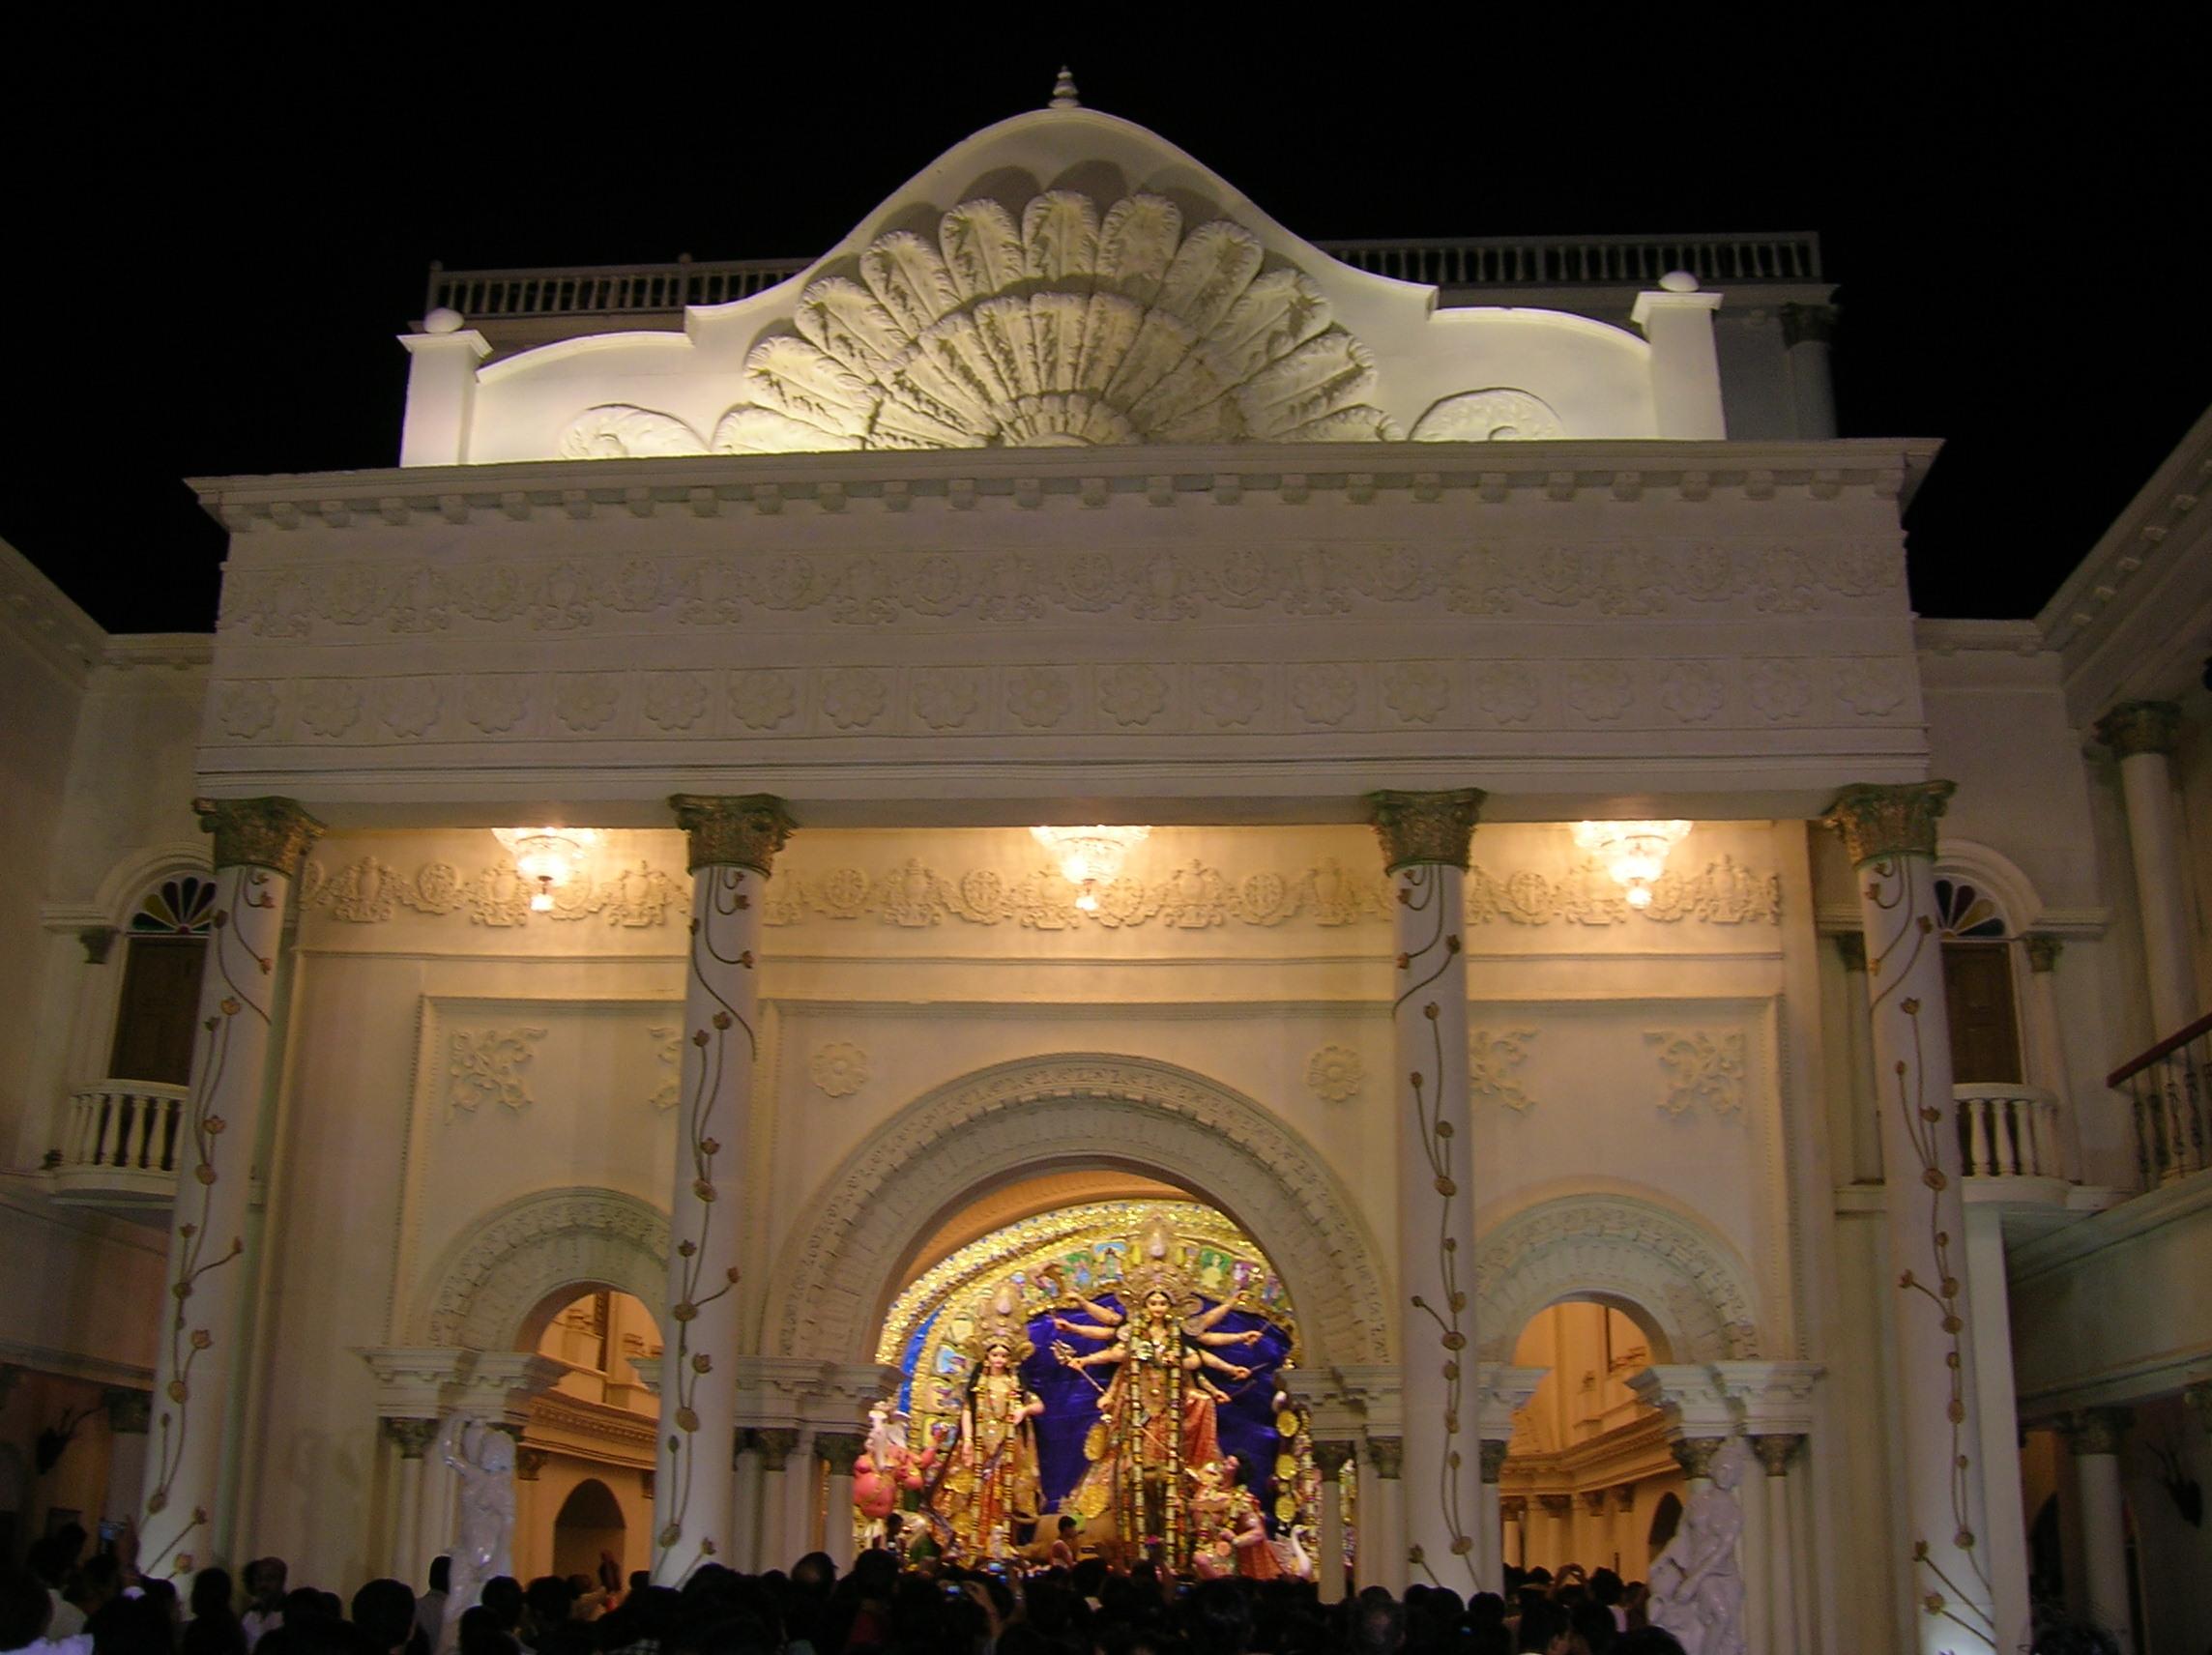 Durga puja ayan majumdar the thecheapjerseys Choice Image